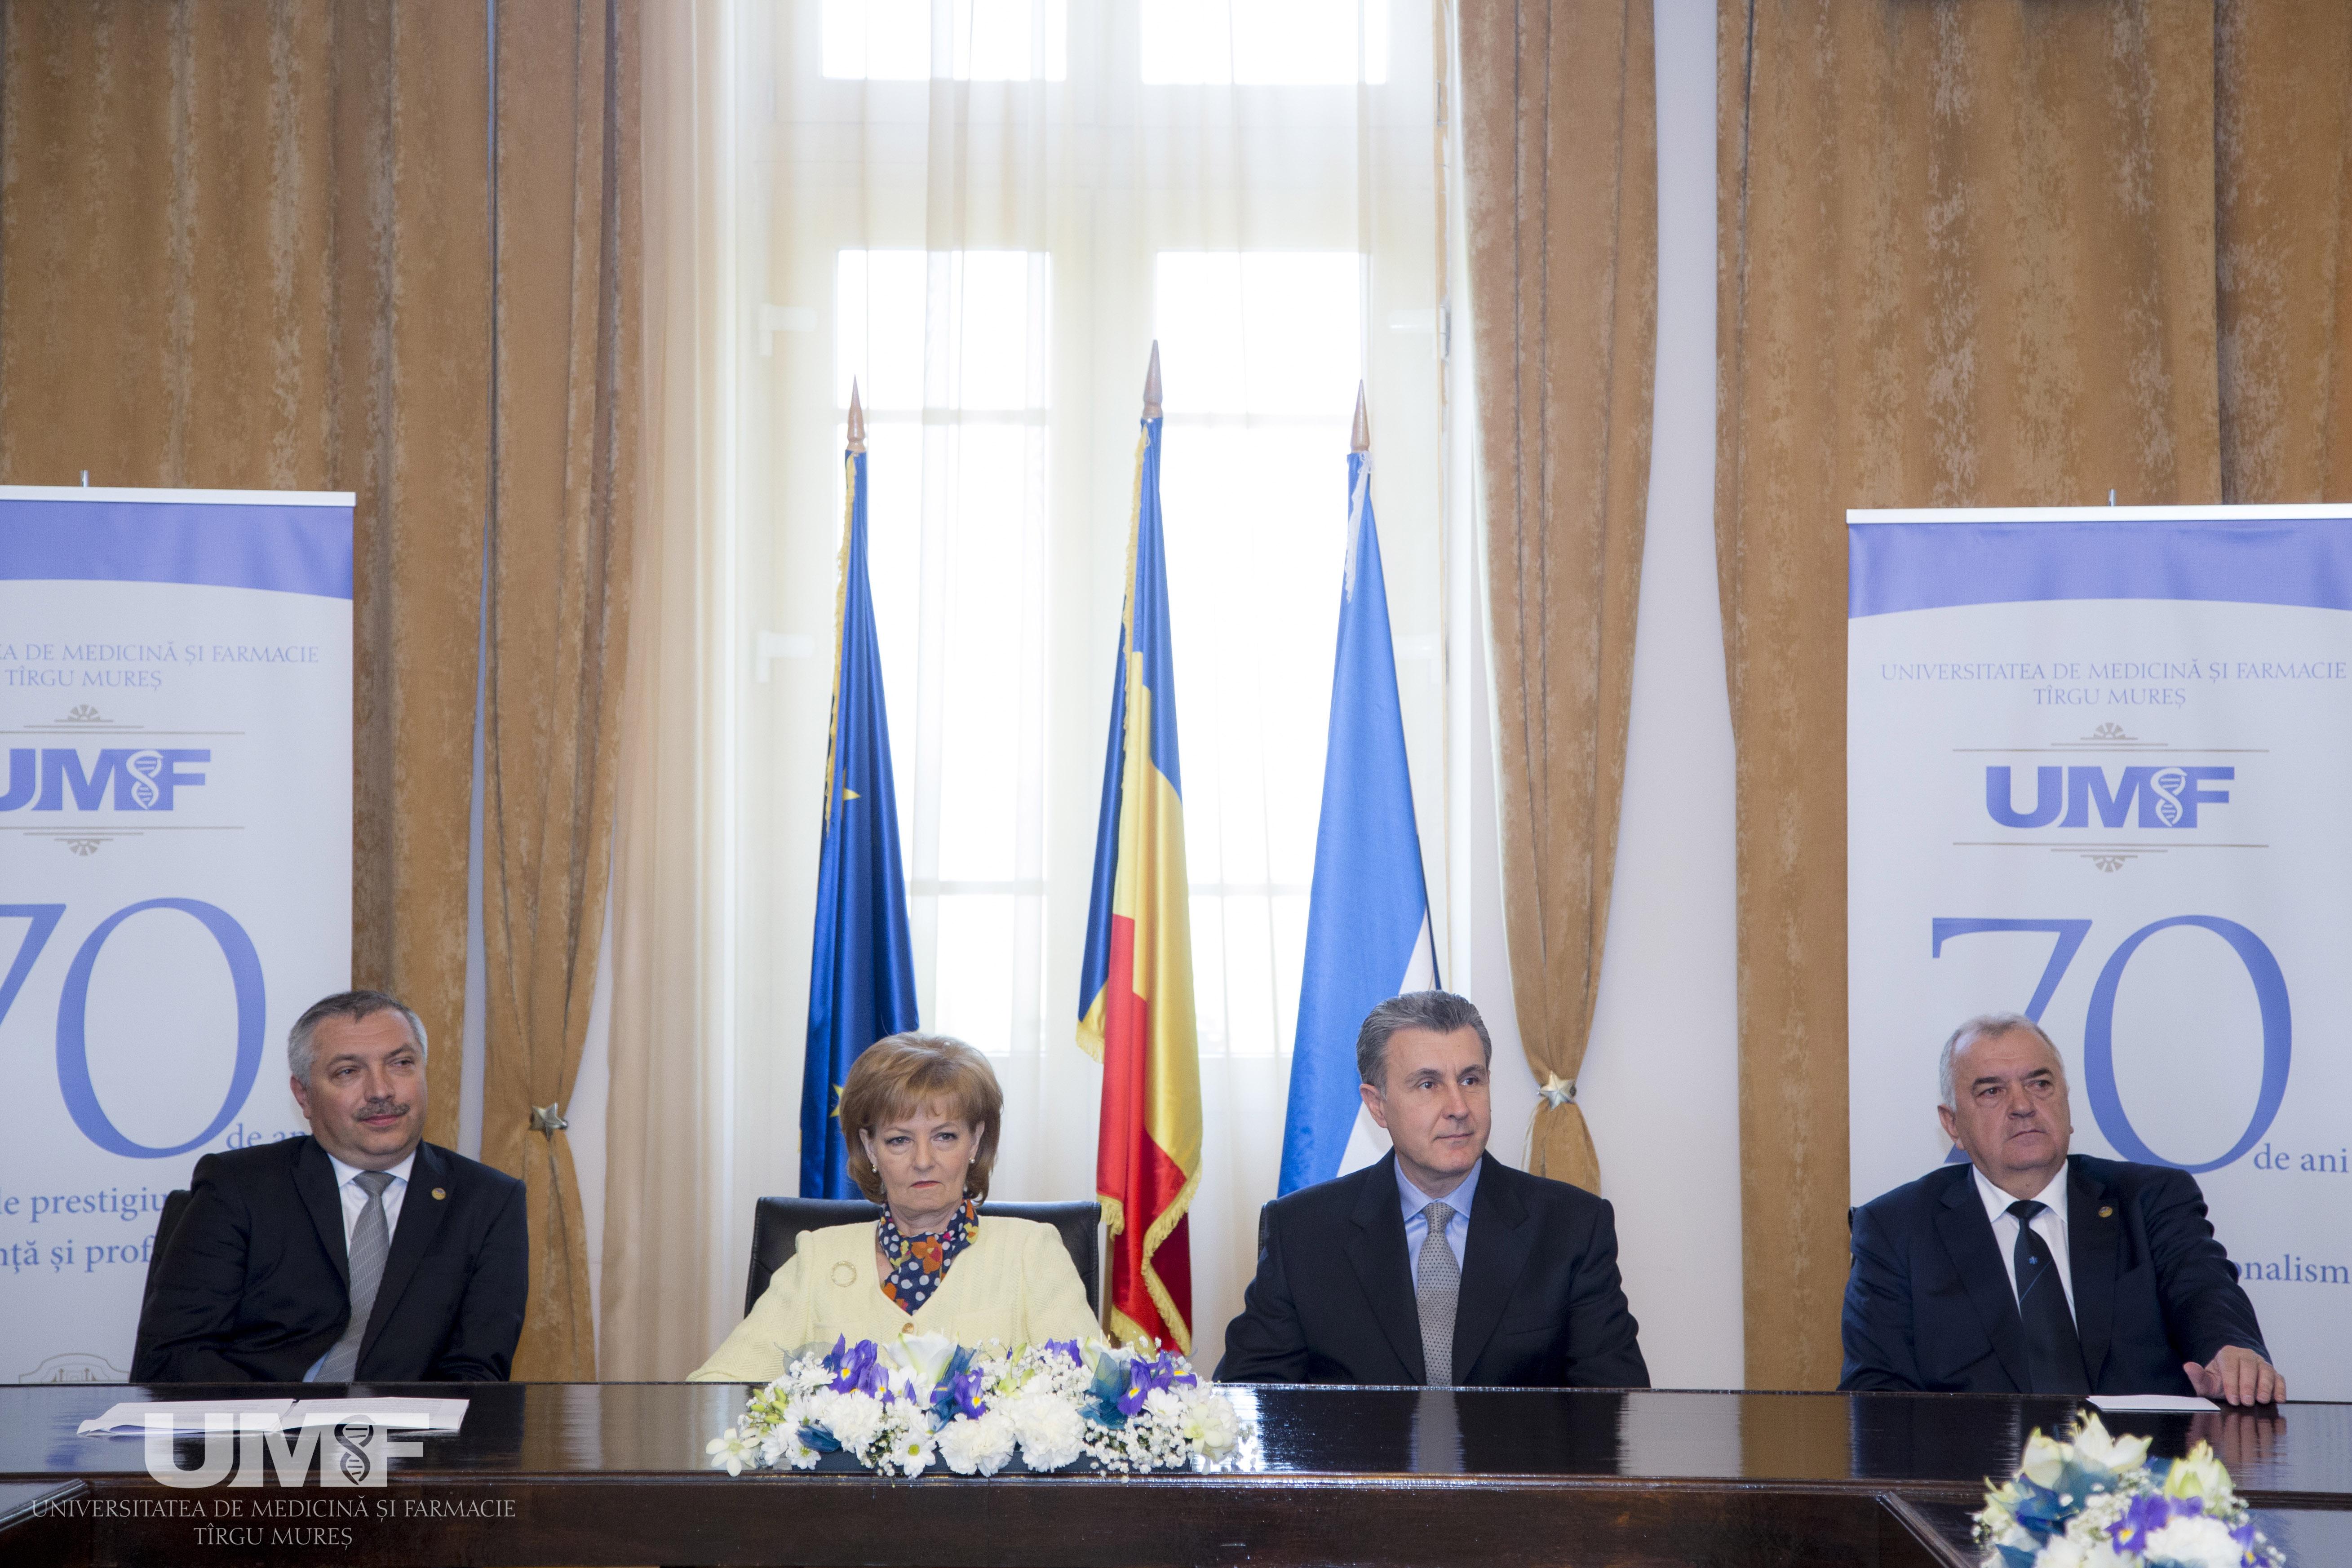 70 de ani de istorie UMF au reunit la Târgu Mureș  Casa Regală a României și Casa Regală a Iordaniei